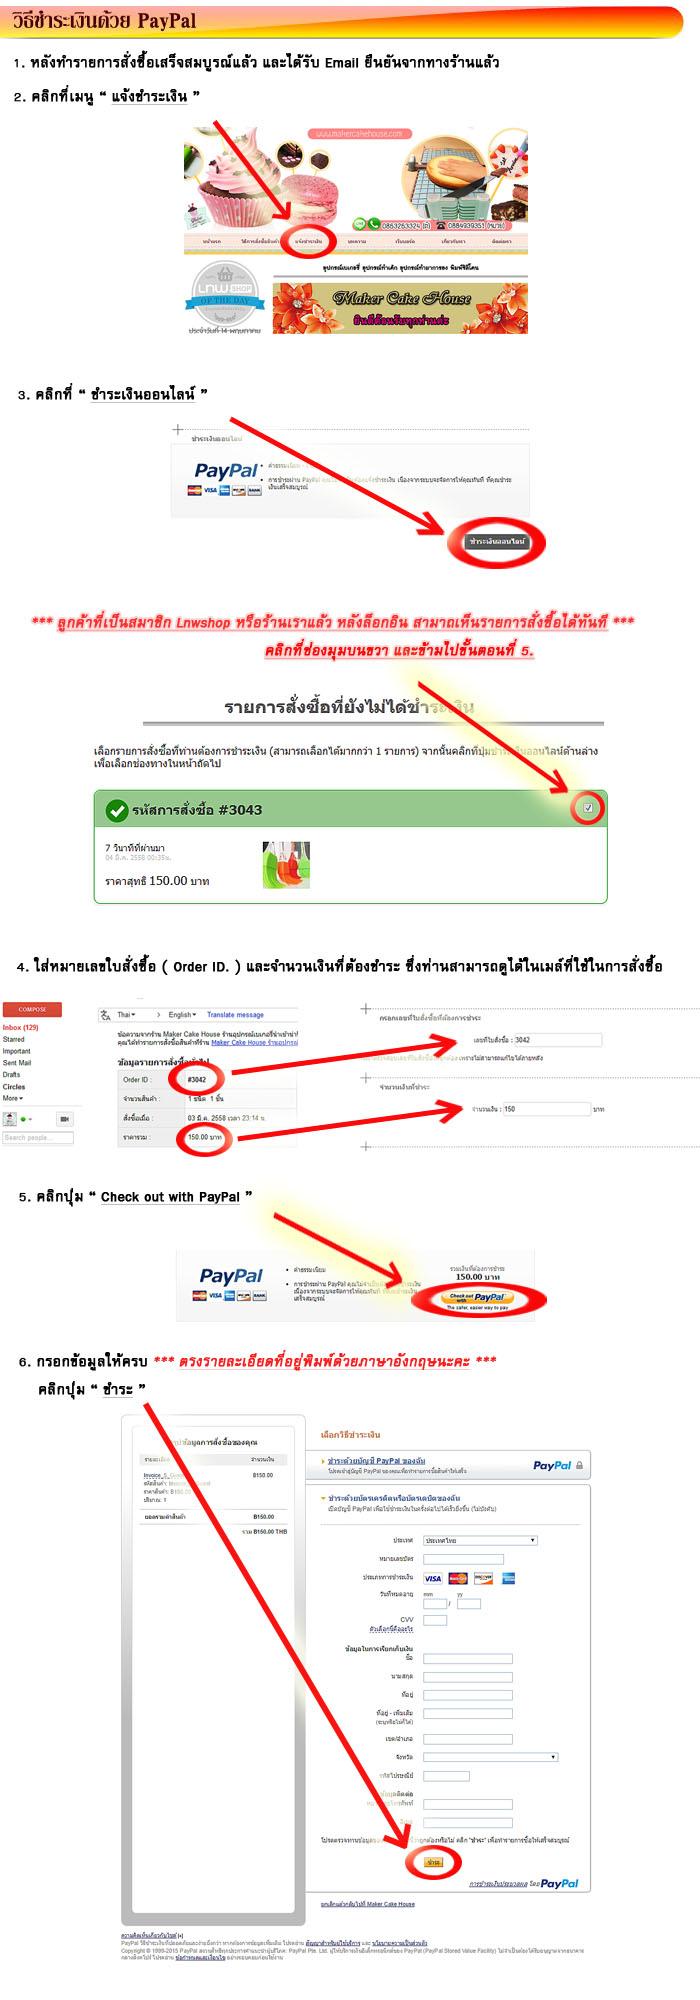 ขั้นตอนการชำระค่าสินค้าด้วยบัตรเครดิต หรือเดบิตผ่านระบบ PayPal